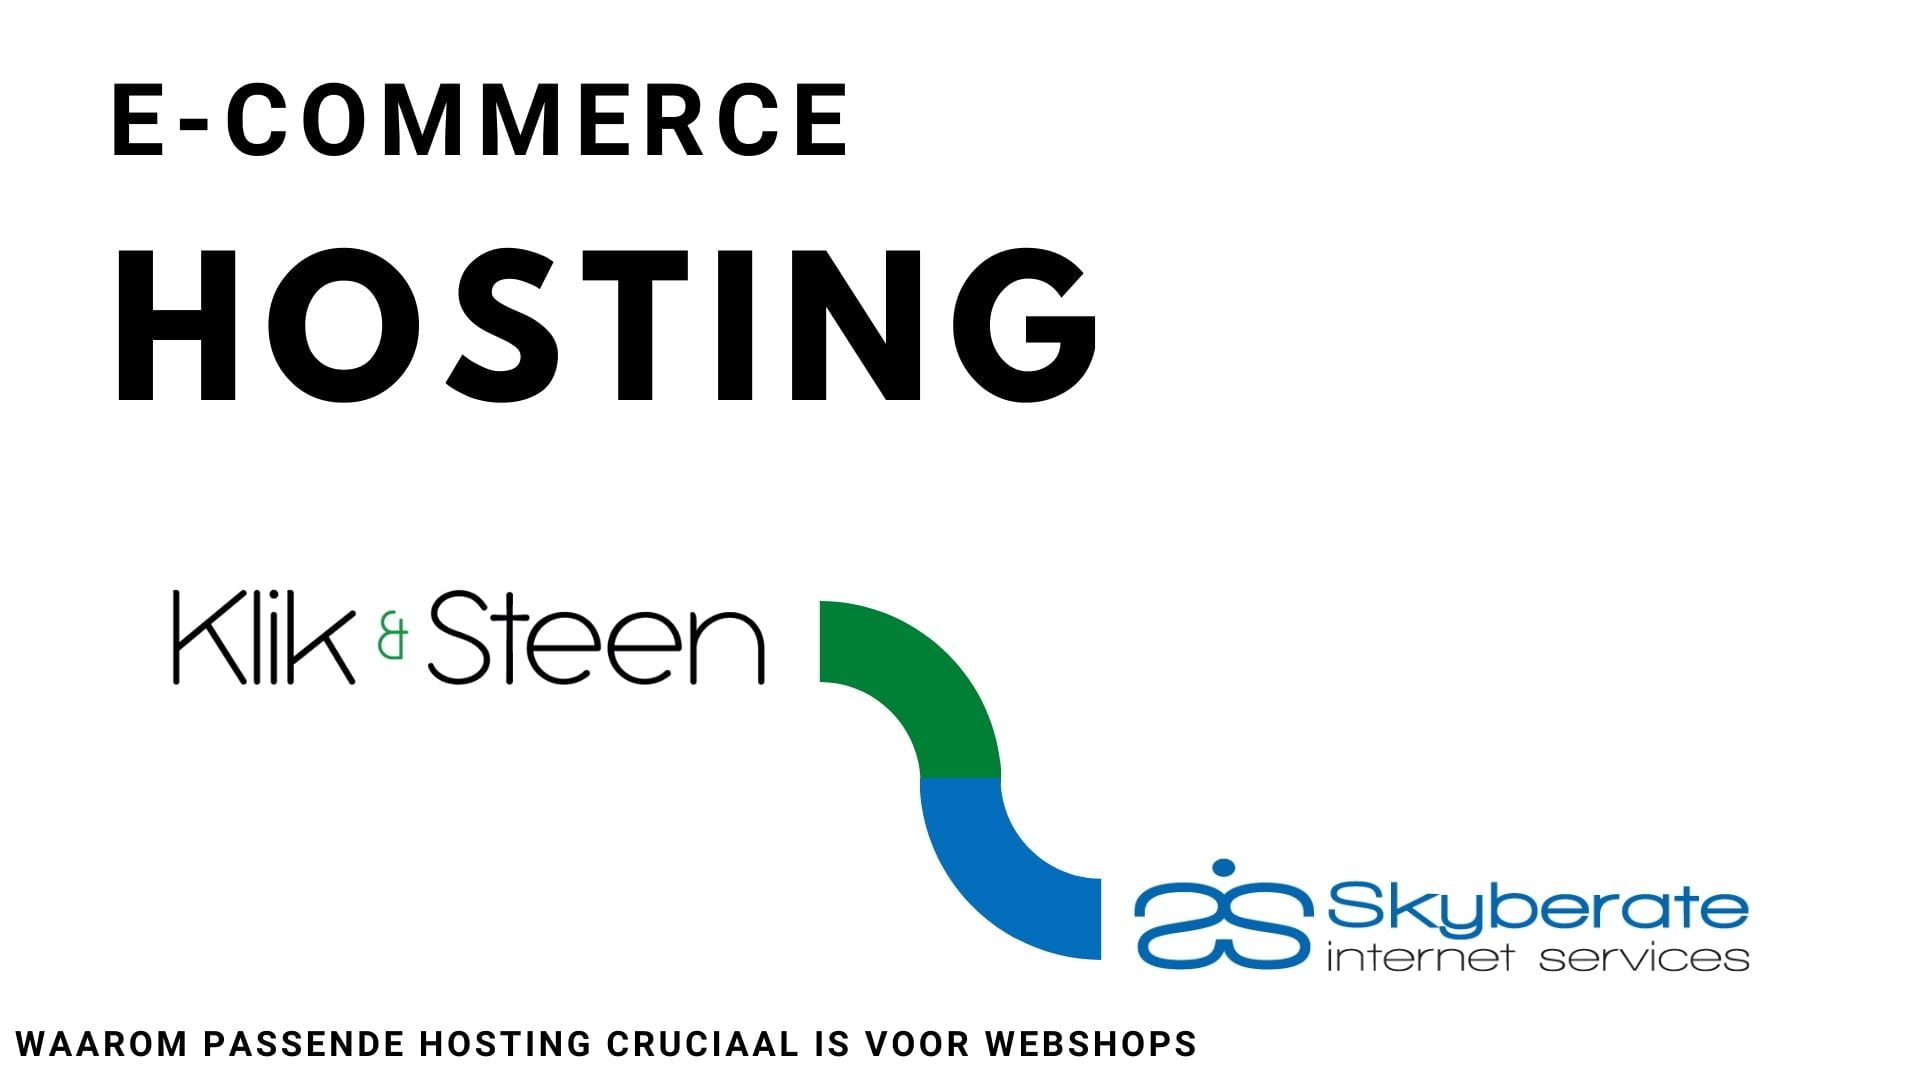 Het belang van goede E-commerce hosting: Skyberate en Klik & Steen